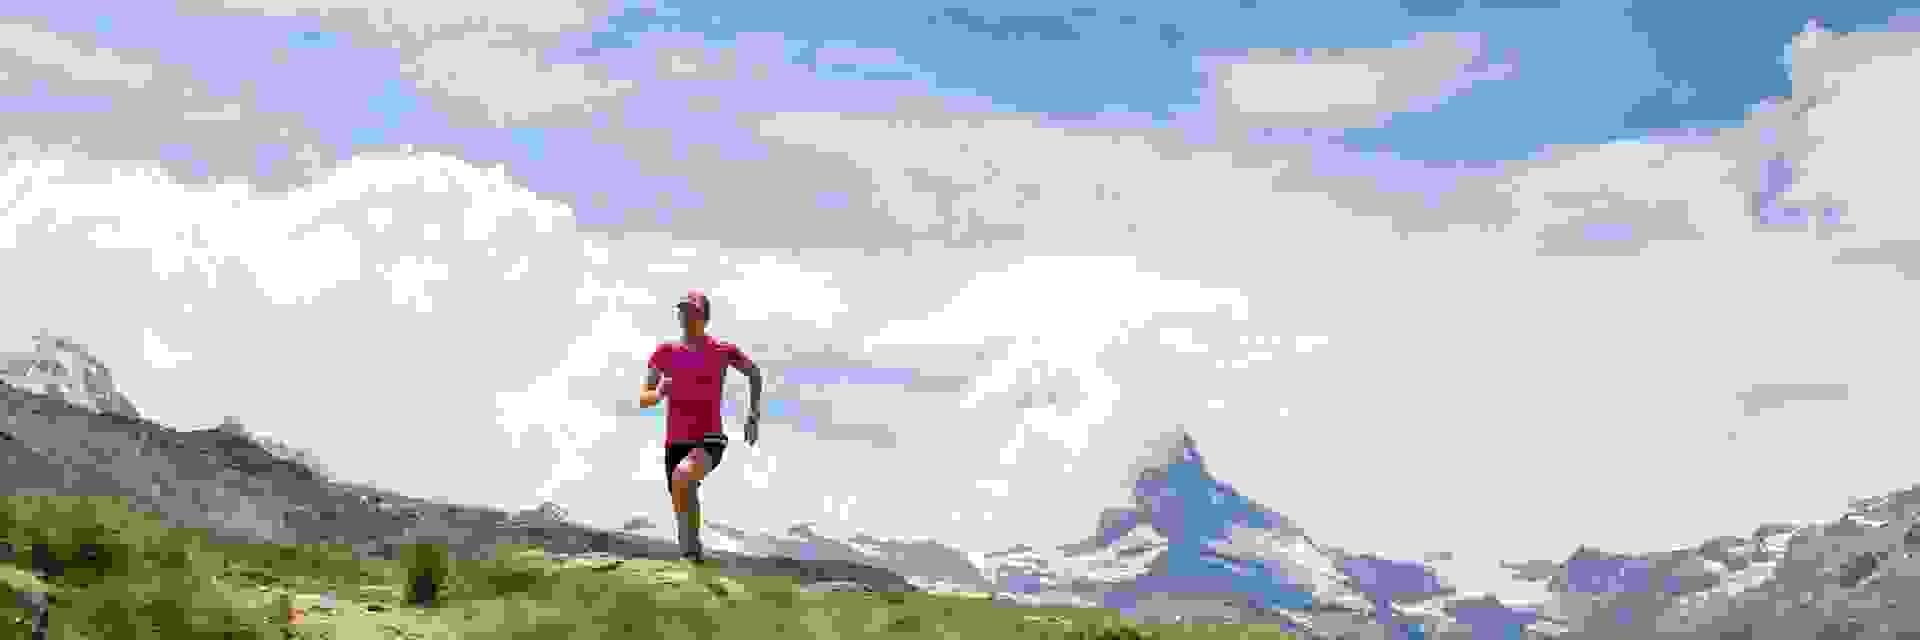 Eine Trailrunnerin läuft einen Trail während das Matterhorn im Hintergrund ist.